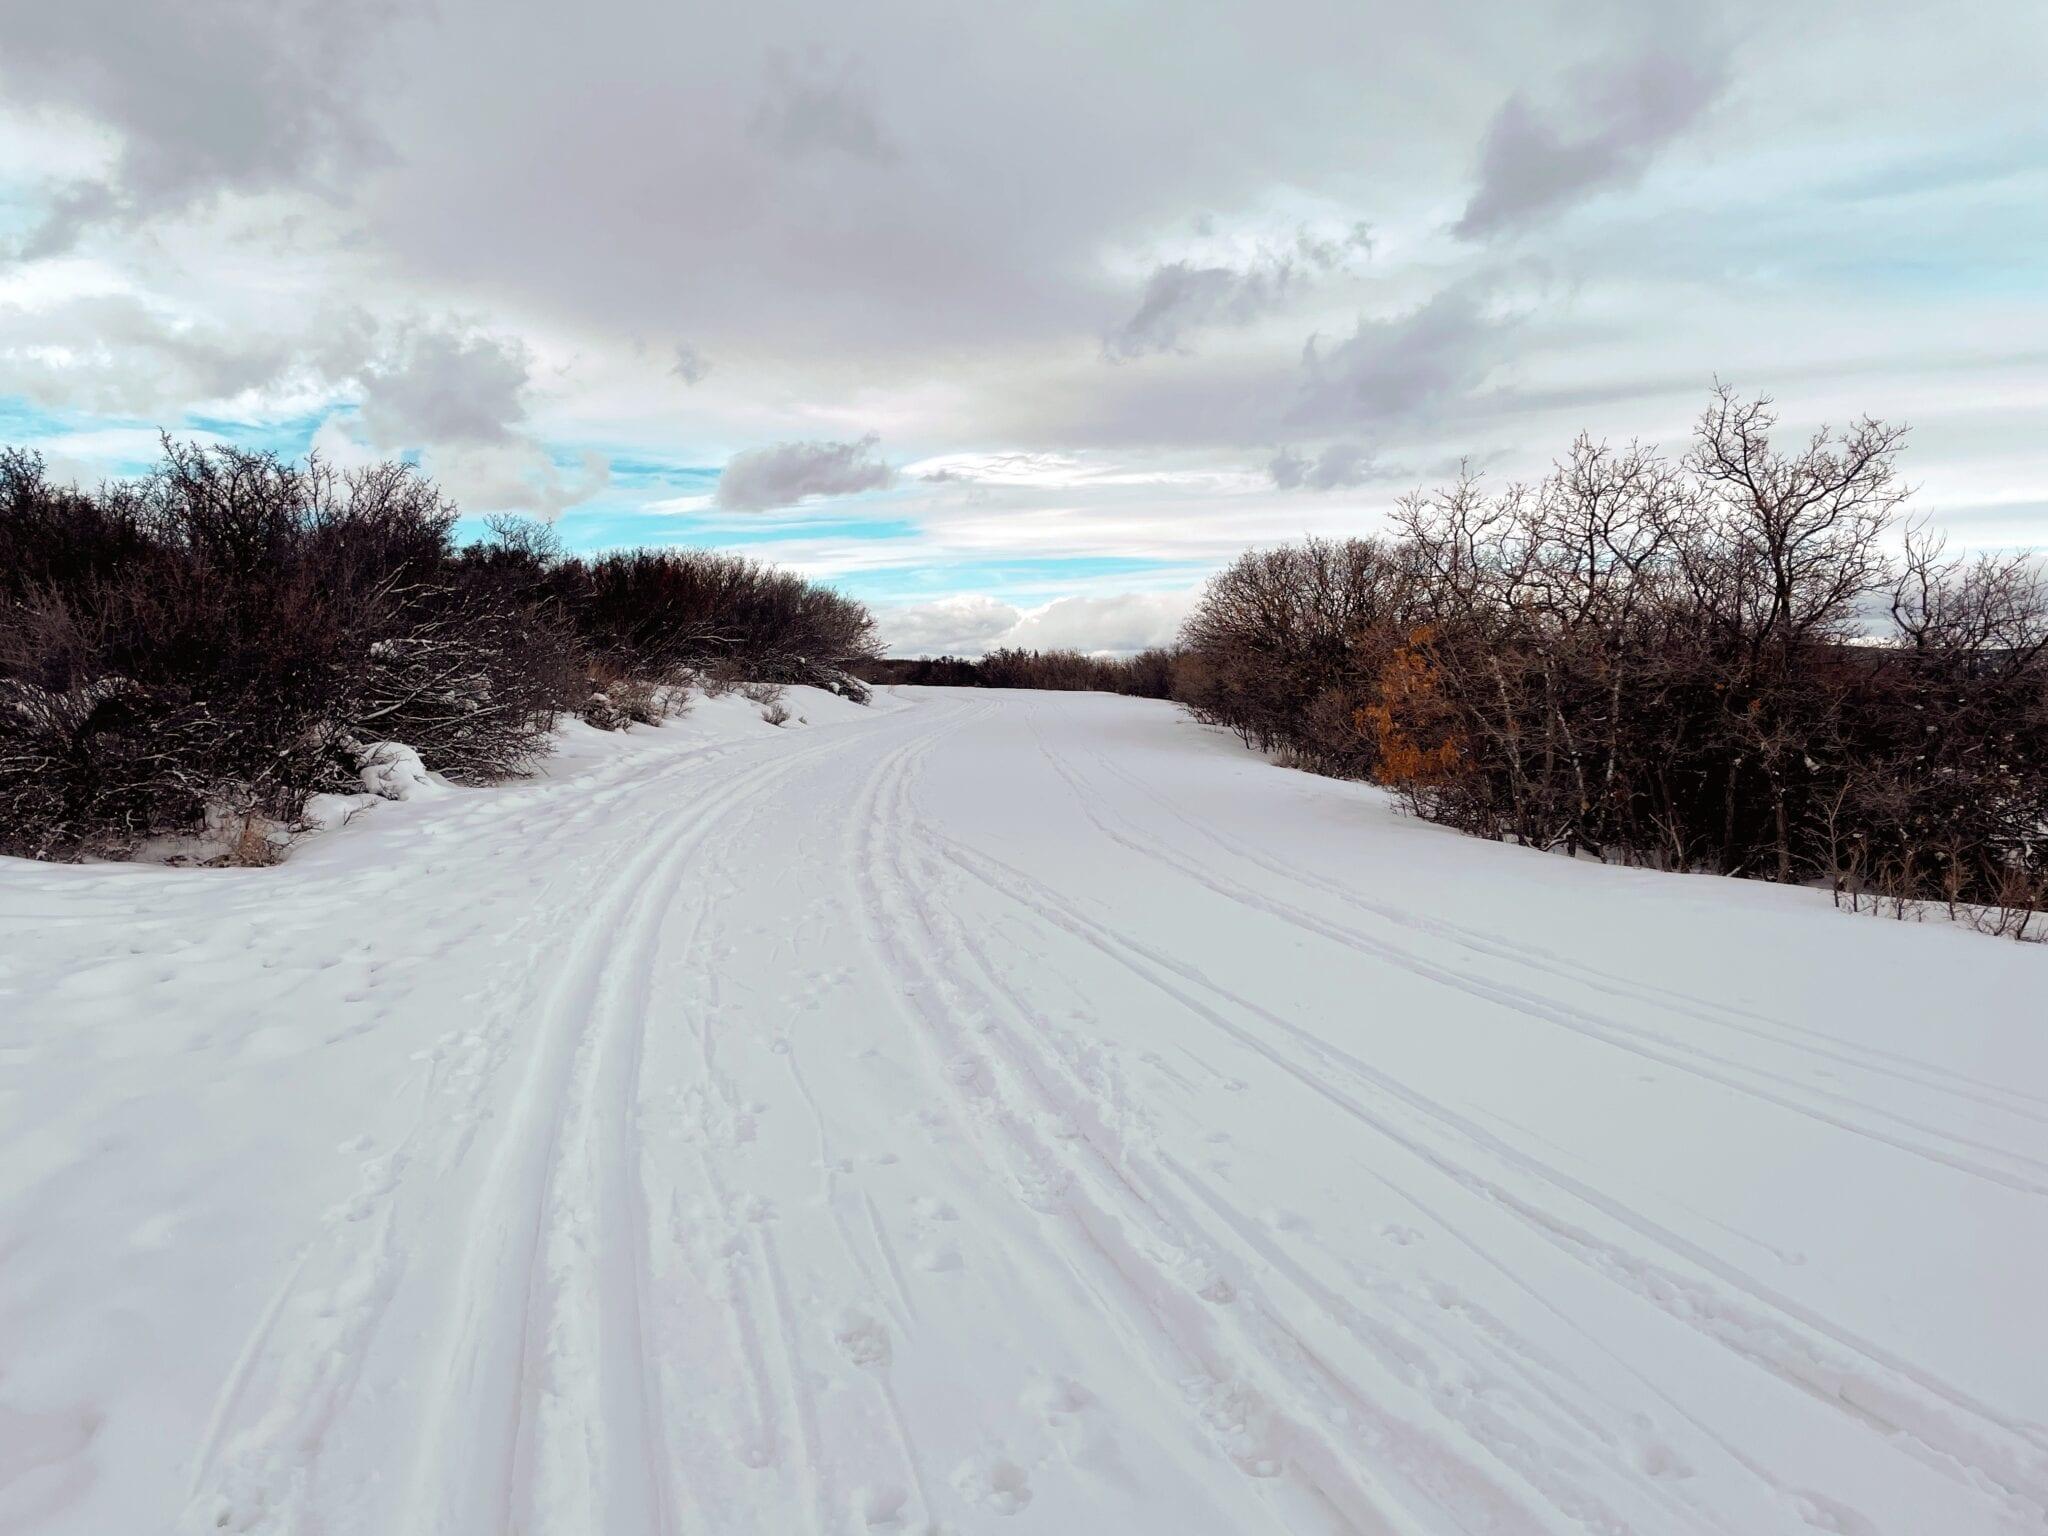 image of south rim road at black canyon